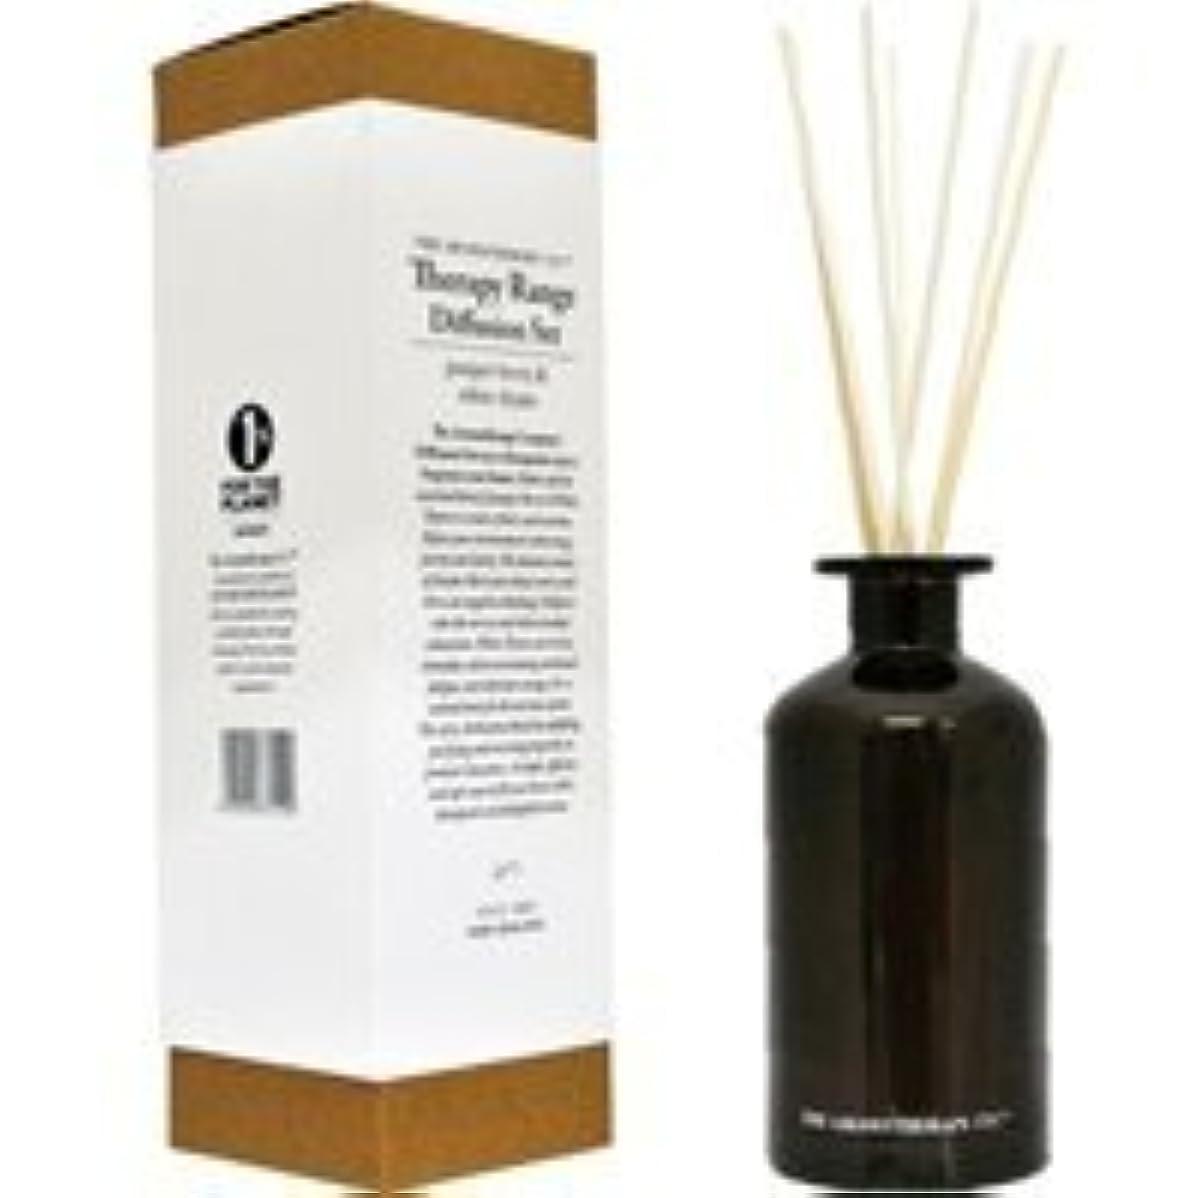 Therapy Range セラピーレンジ メディシンボトル ディフュージョンスティック 250ml ジュニパーベリー&ホワイトタイム Juniper Berry & White Thyme アロマセラピーカンパニー